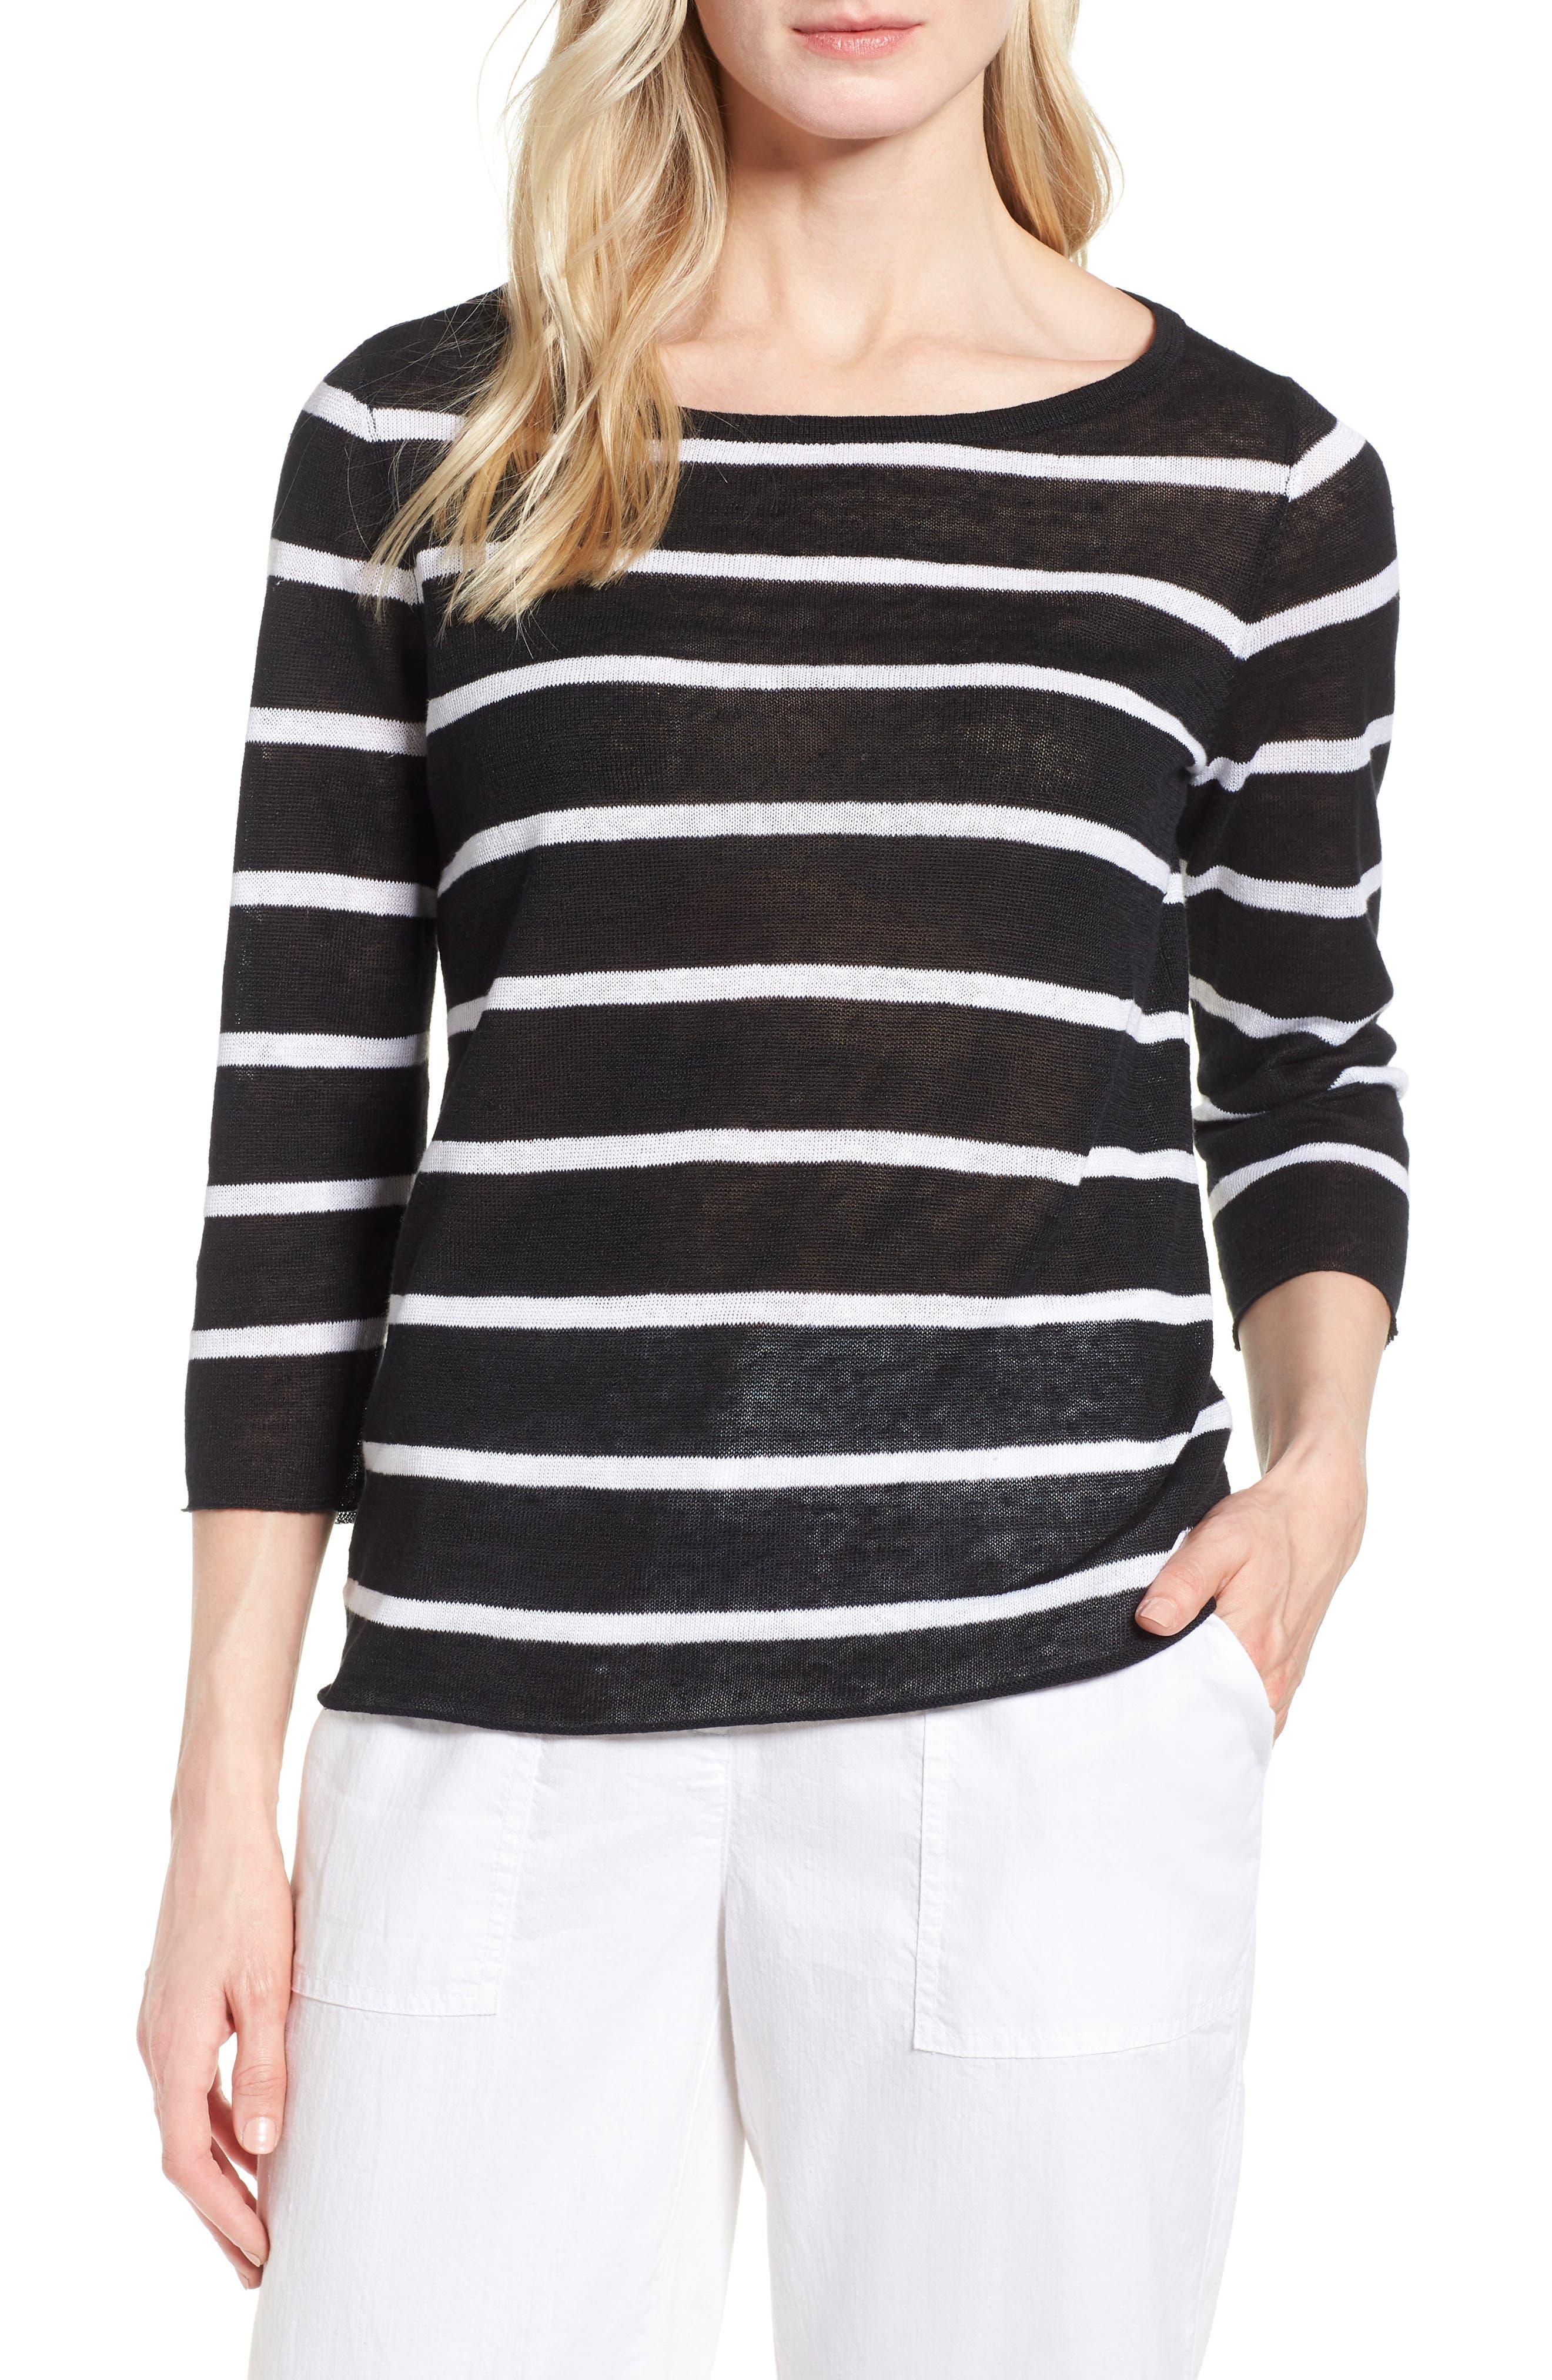 Stripe Organic Linen Sweater,                         Main,                         color, Black/ White